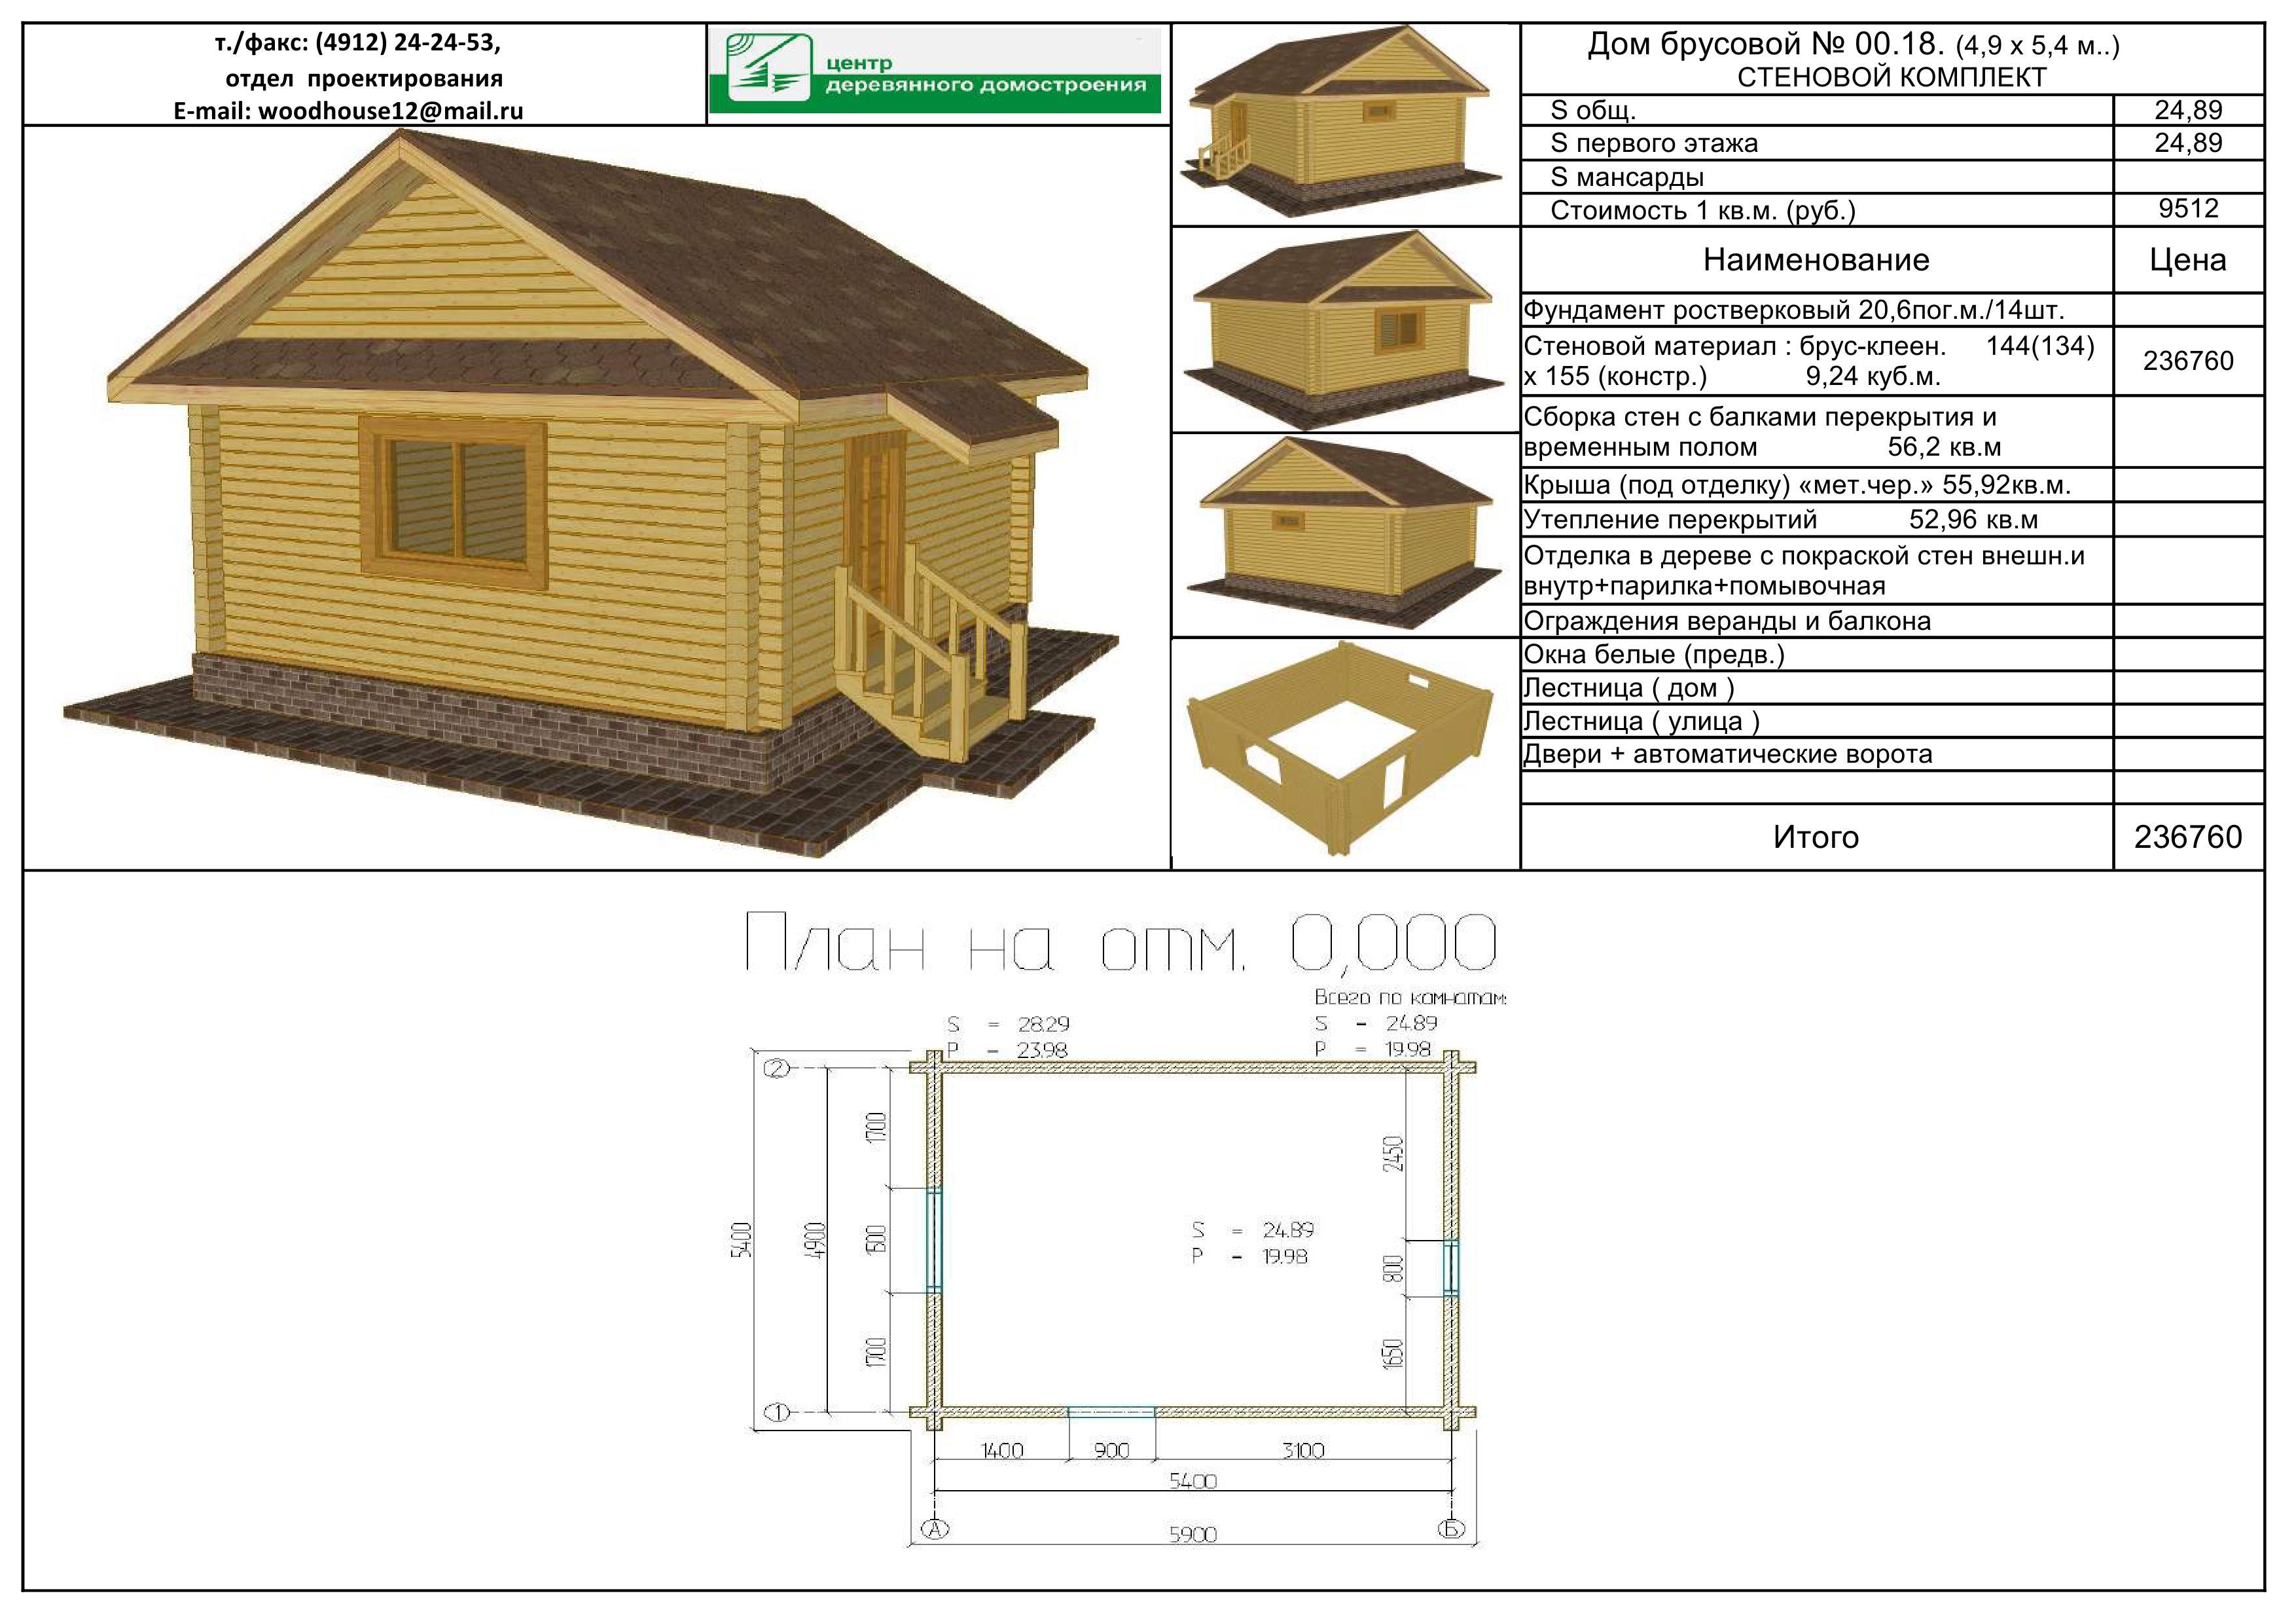 Составление сметы на строительство дома из бруса